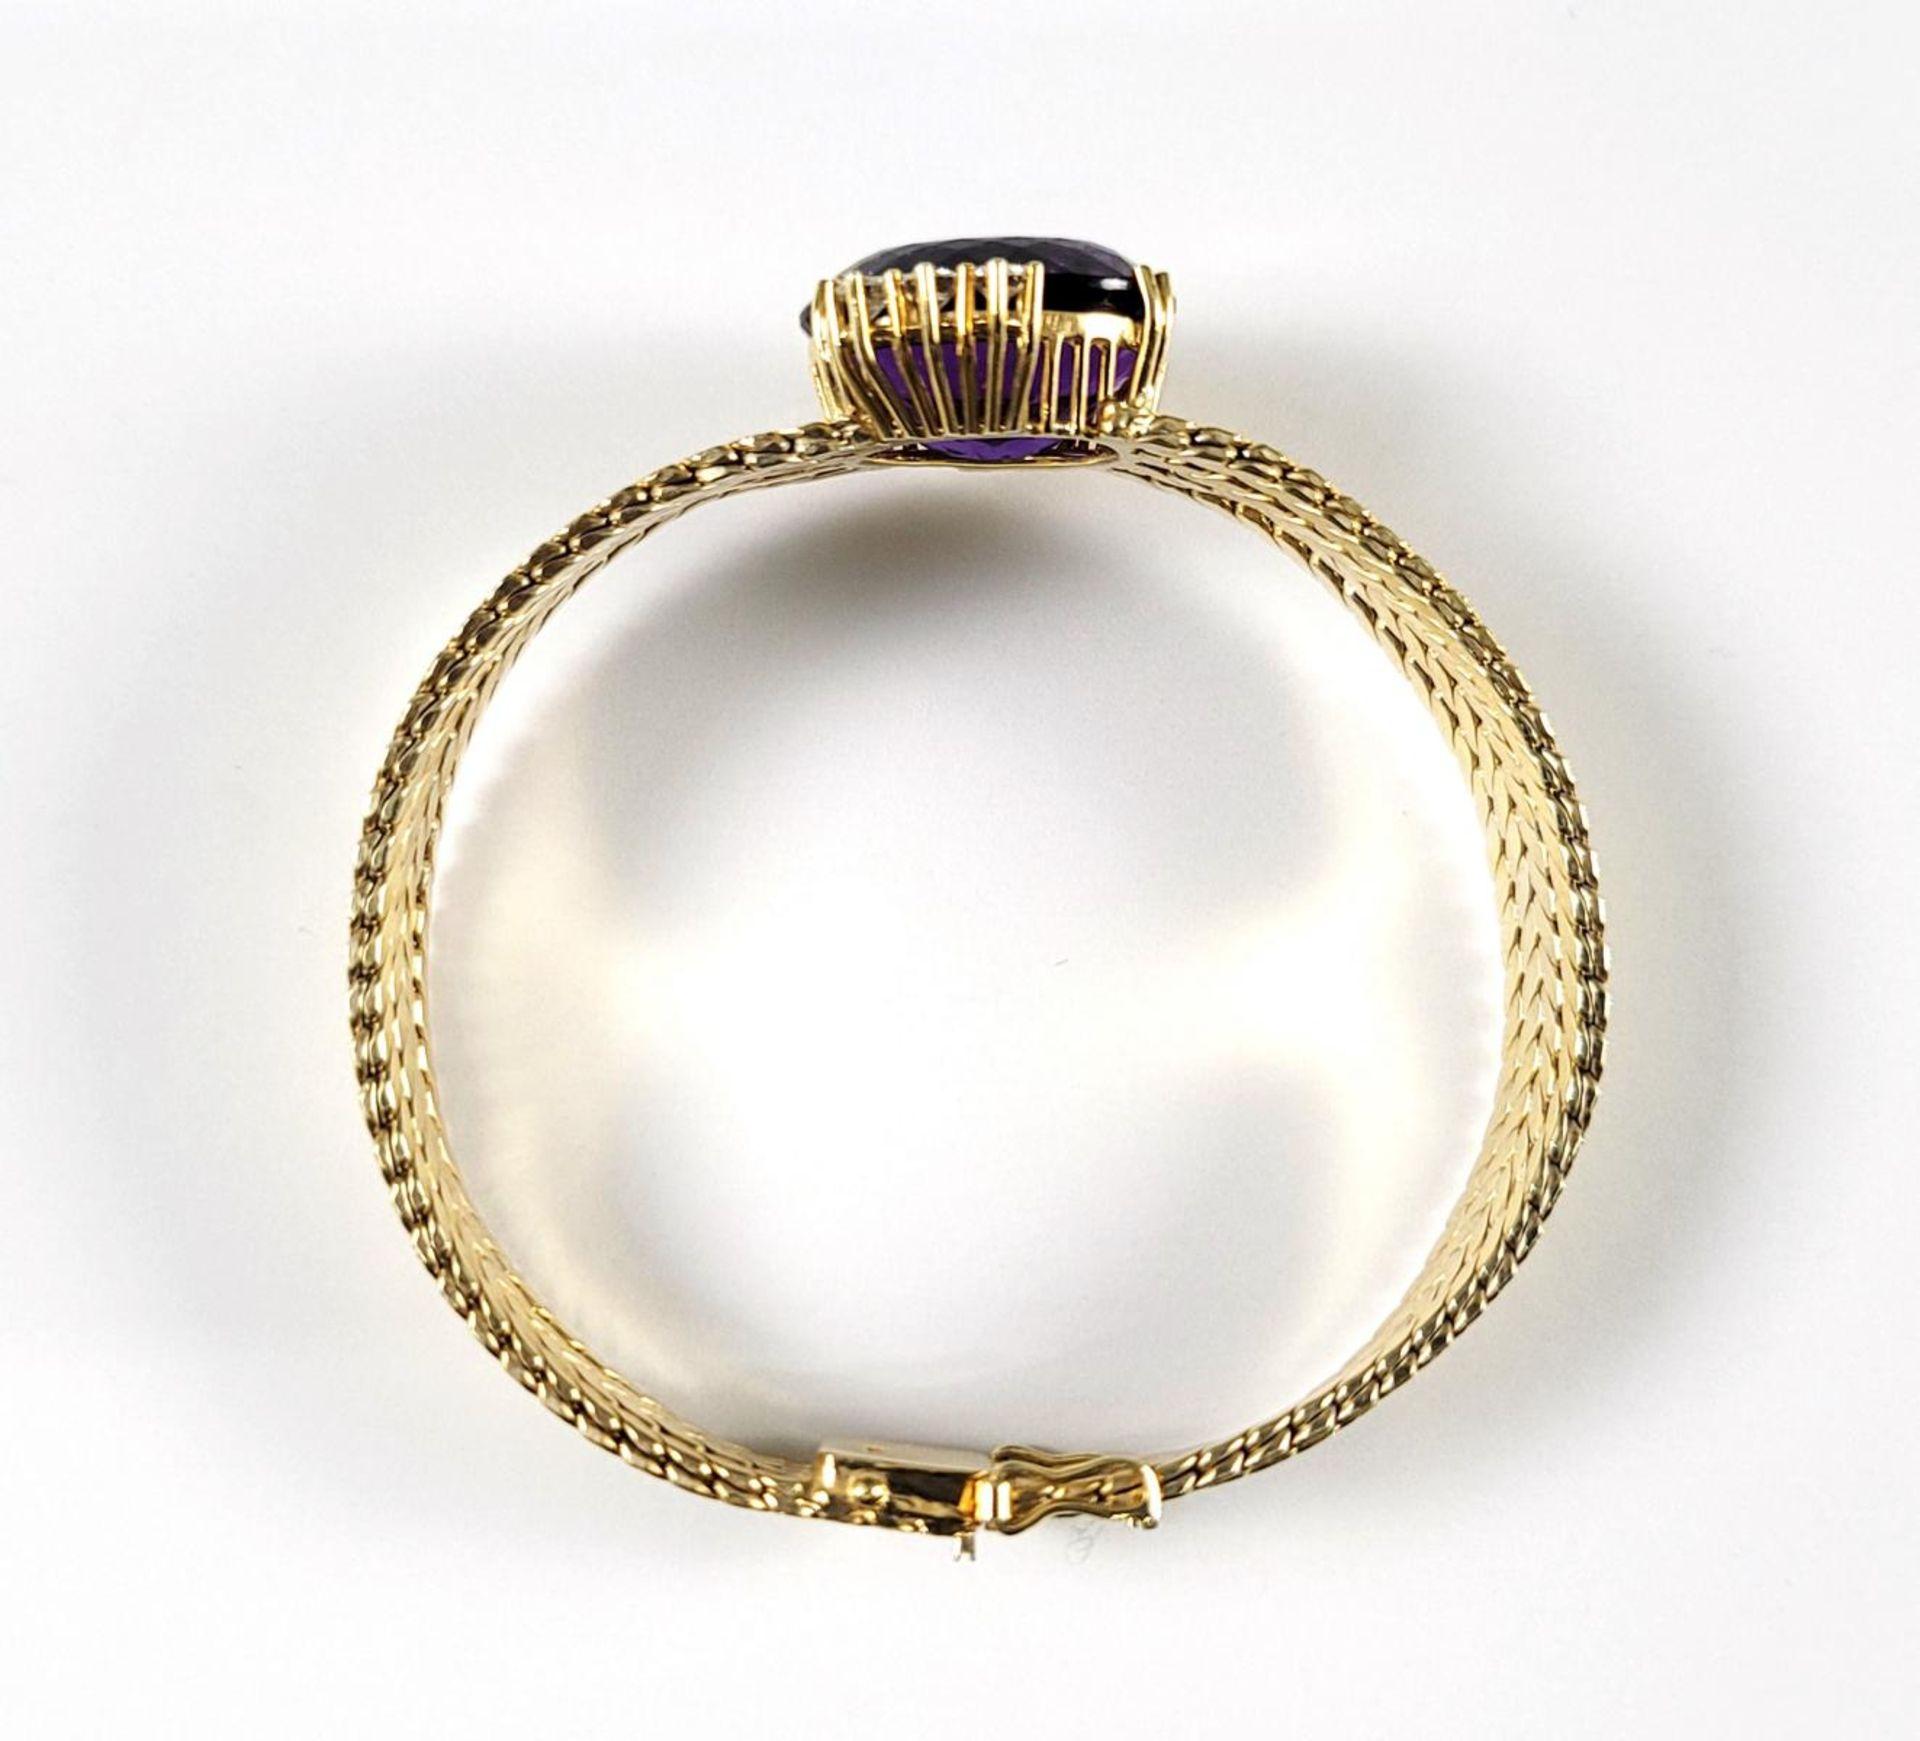 Damenarmband mit großem, facettierten Amethyst und Diamanten, 14 Karat Gelbgold - Bild 4 aus 7